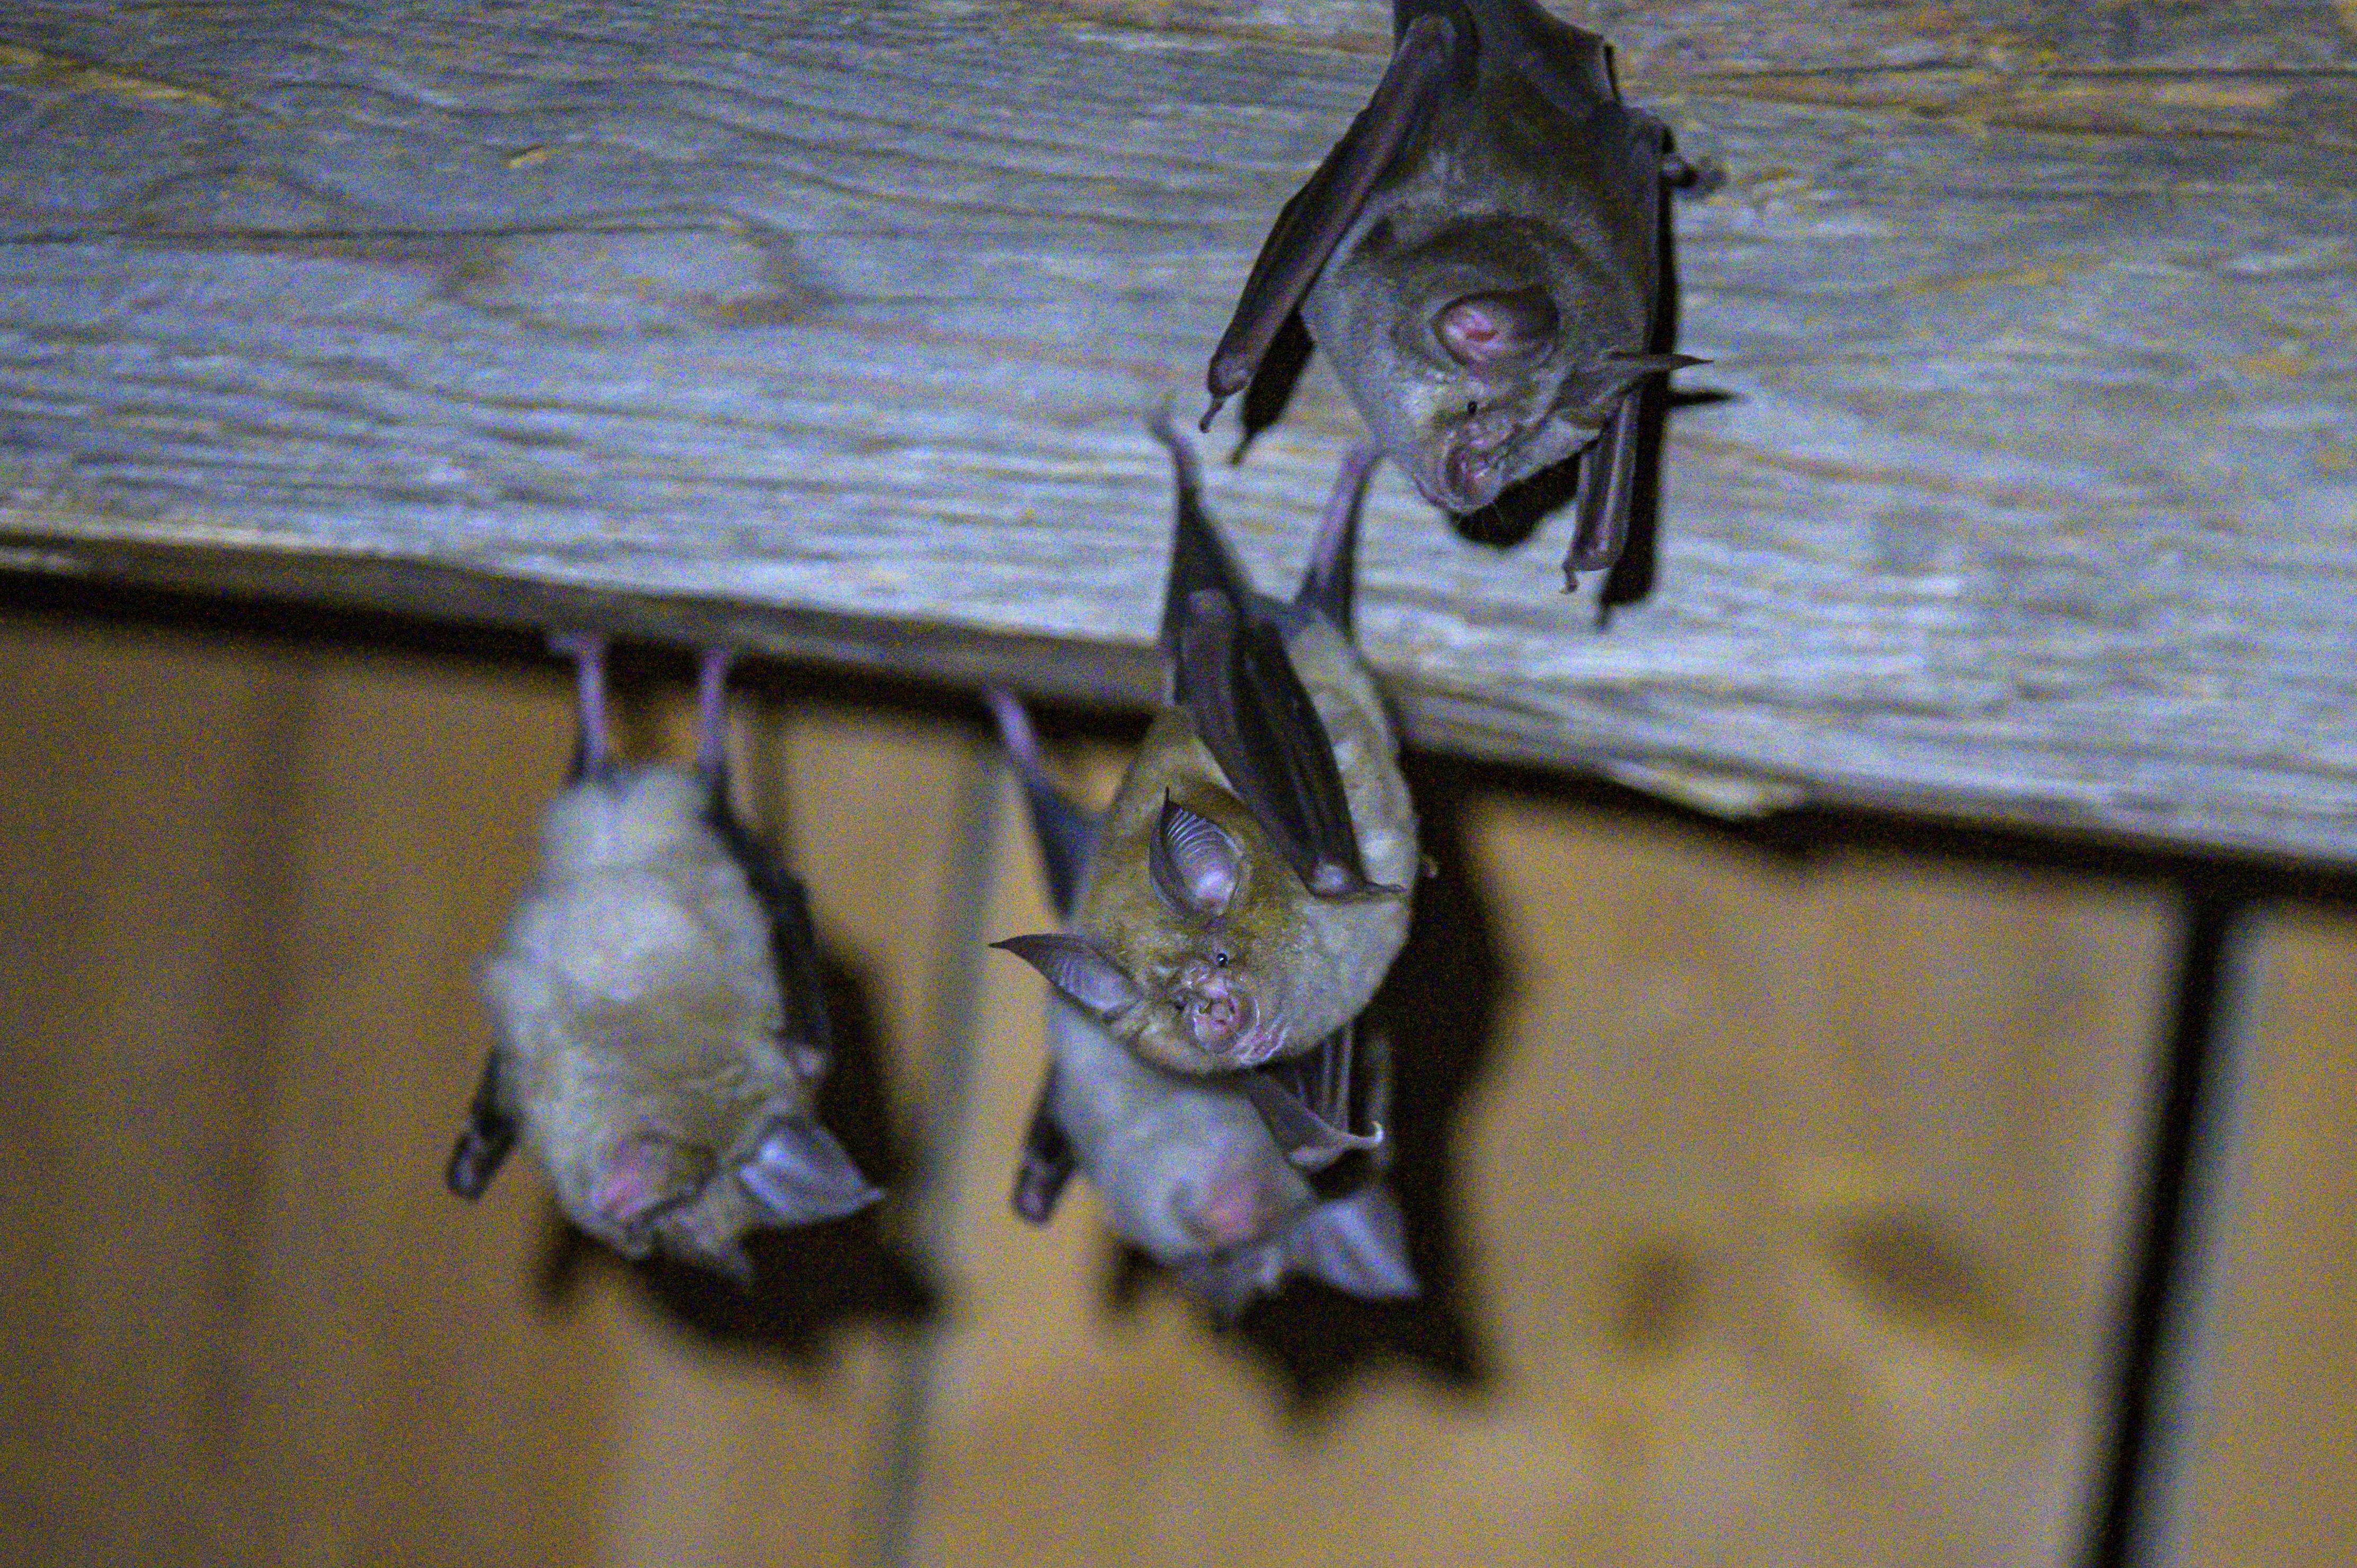 ▲▼法國科學家在寮國北部石灰岩洞發現,蹄鼻蝙蝠體內的3種冠狀病毒與人類所染的新冠病毒類似。(示意圖/達志影像/美聯社)